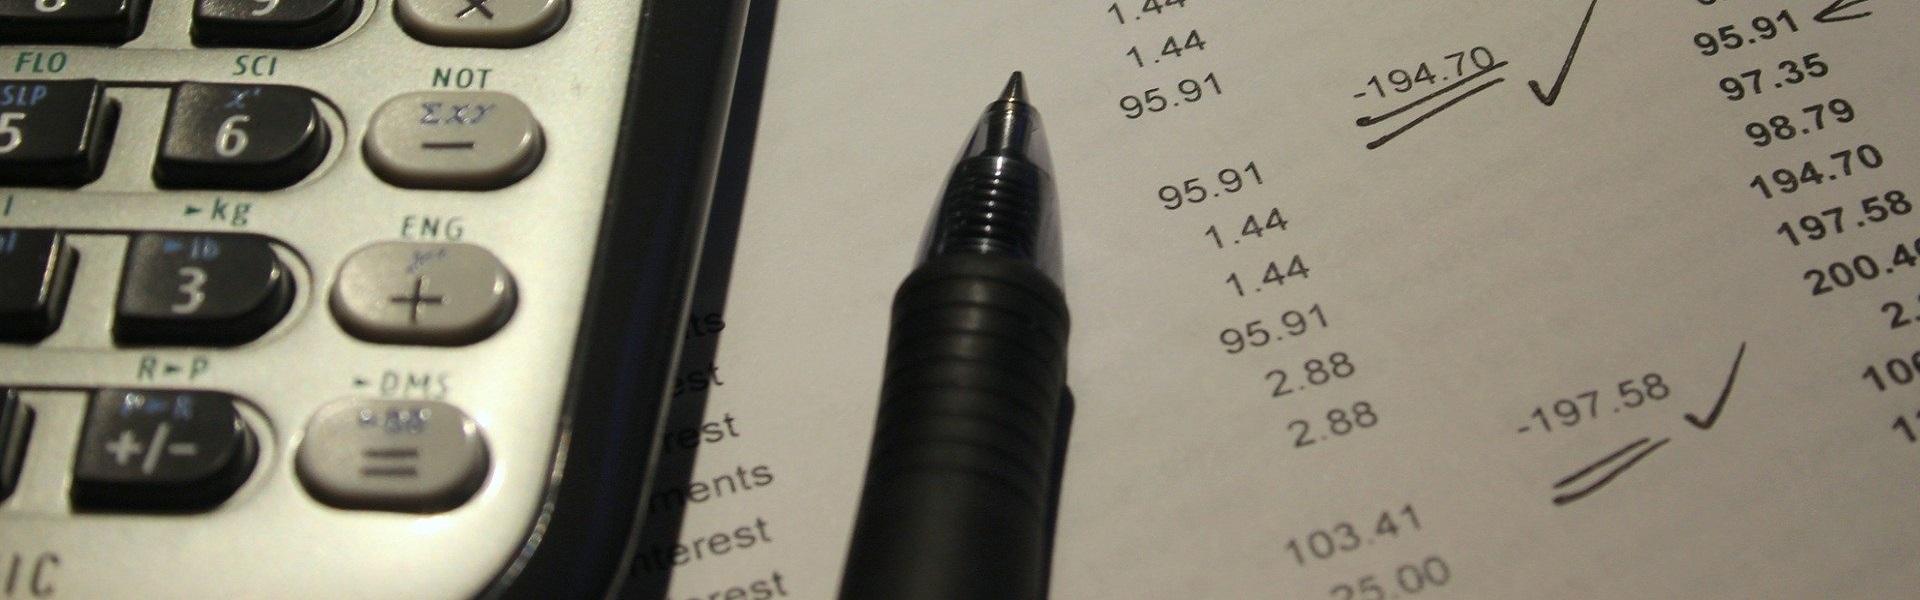 Chômage partiel pourrait entraîner un paiement d'impôt supplémentaire